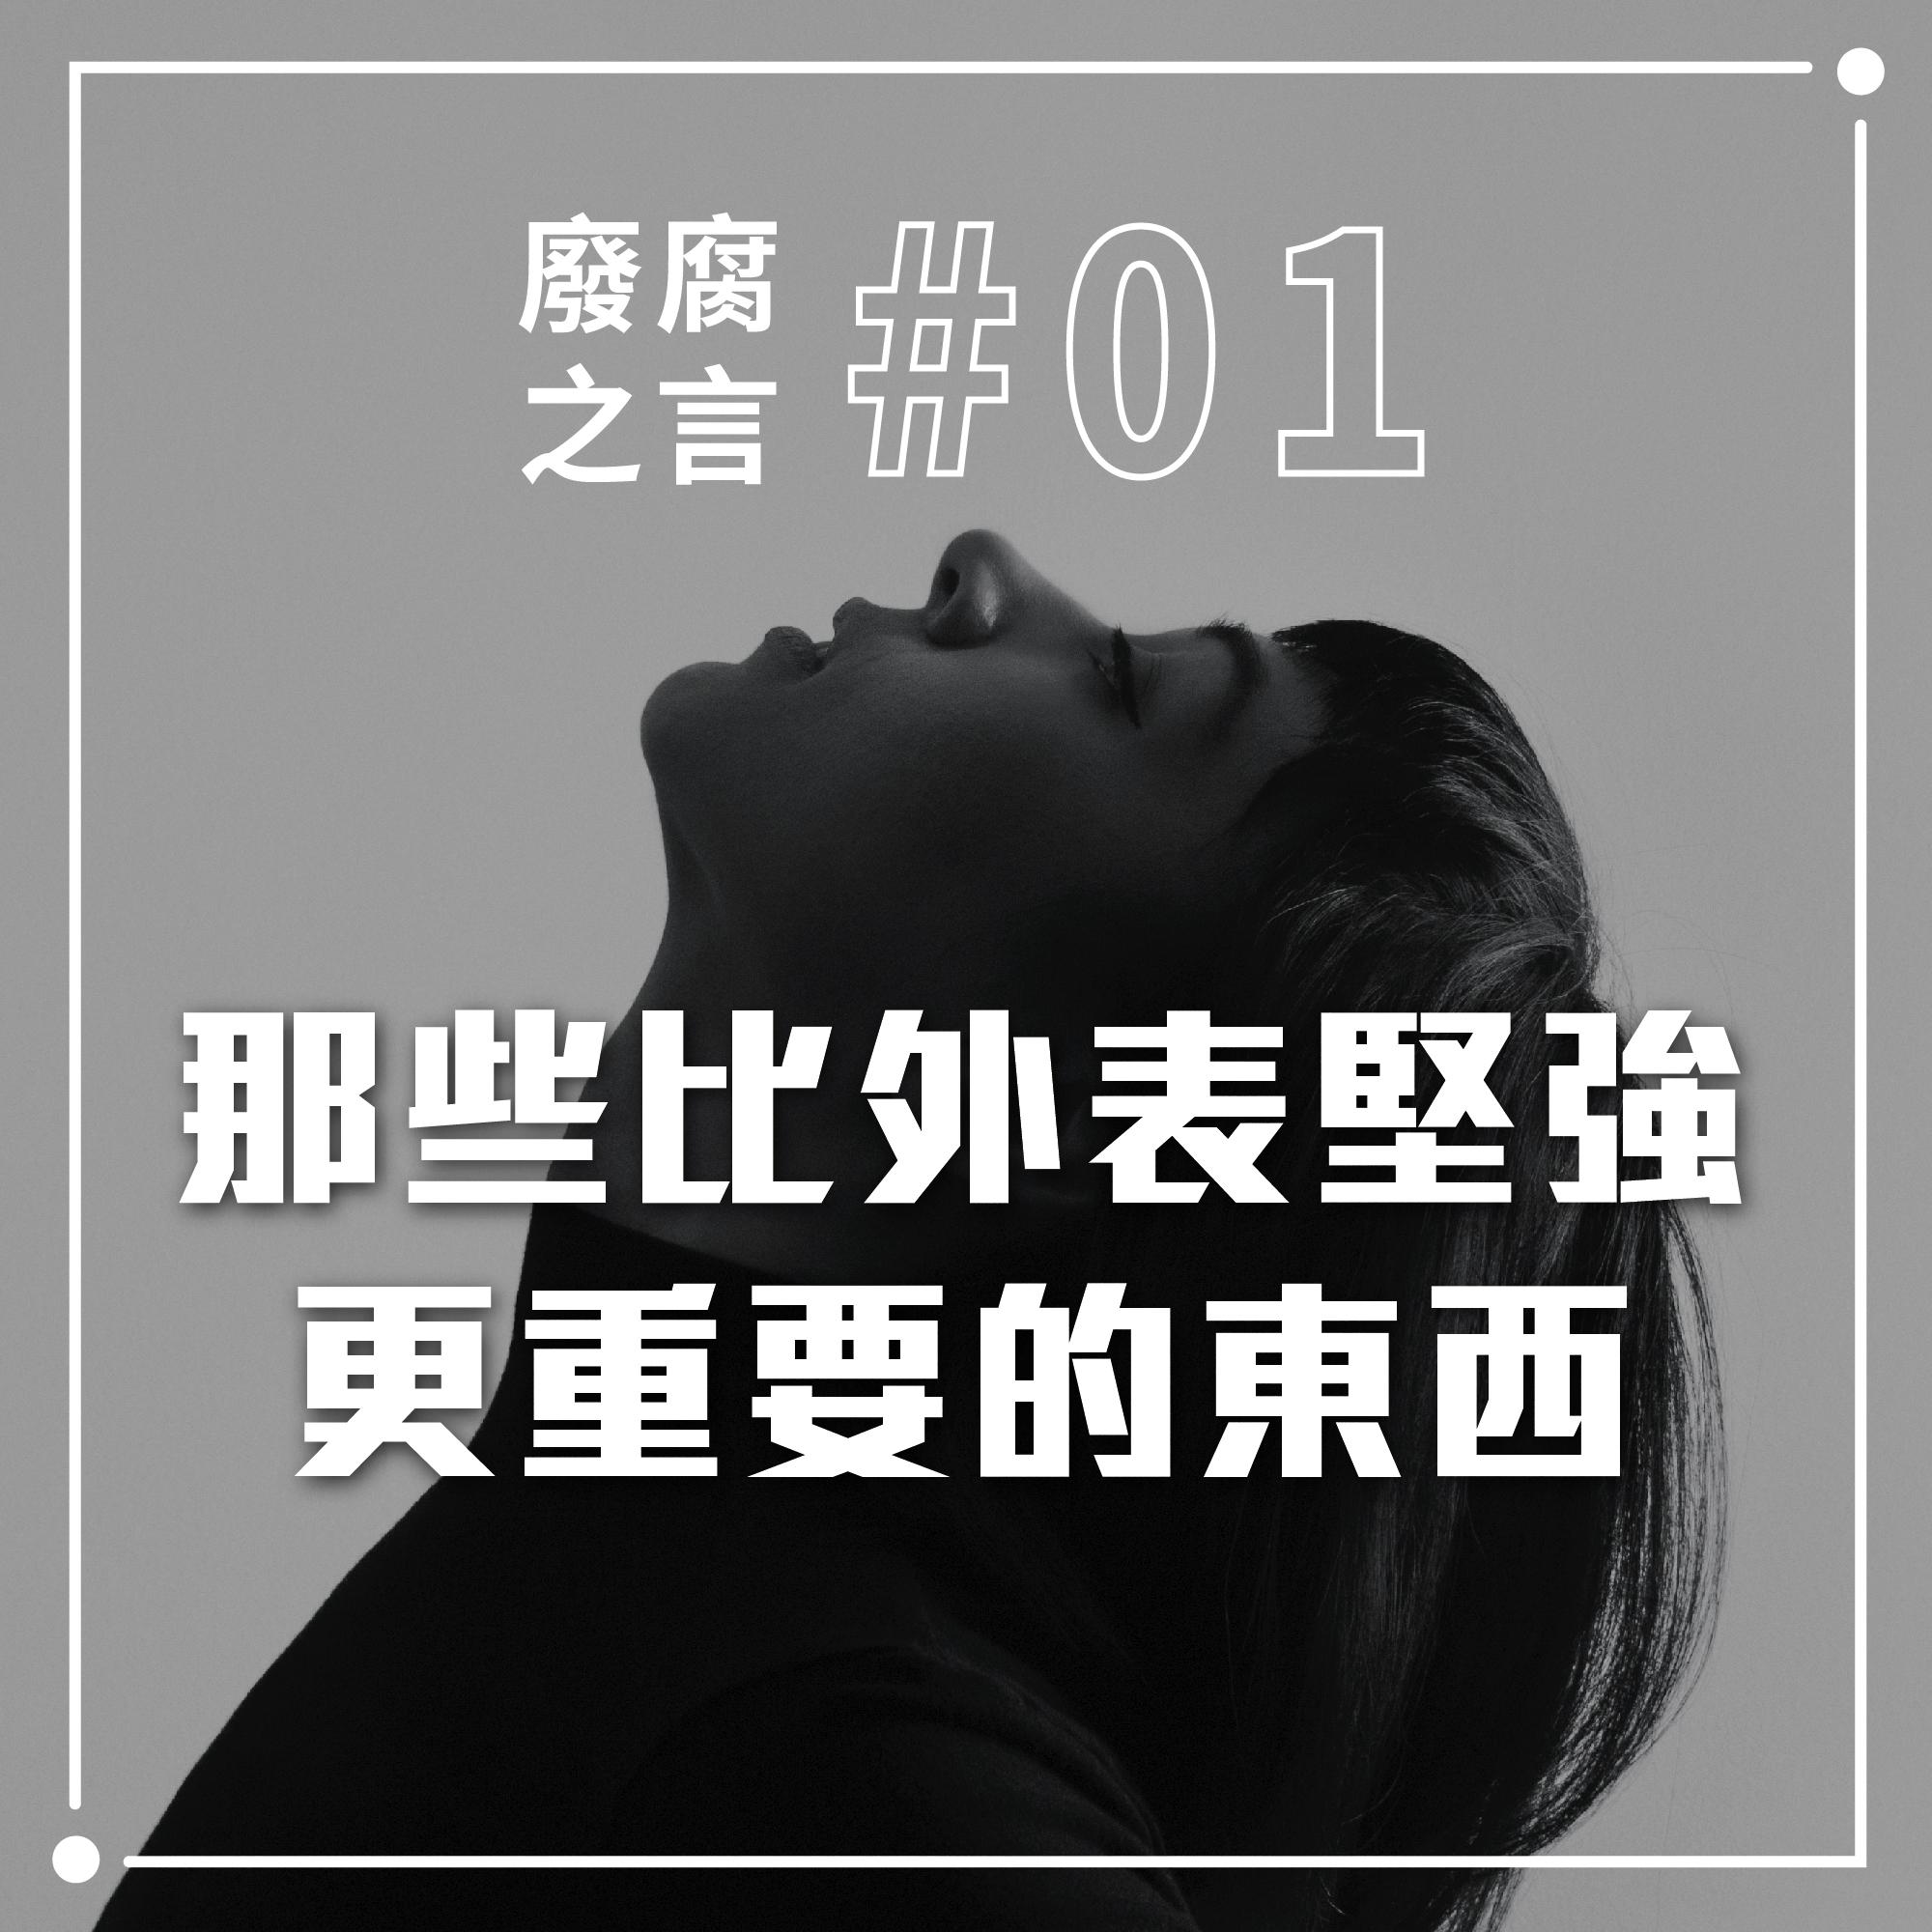 廢腐之言#01/那些比外表堅強更重要的東西/EP03